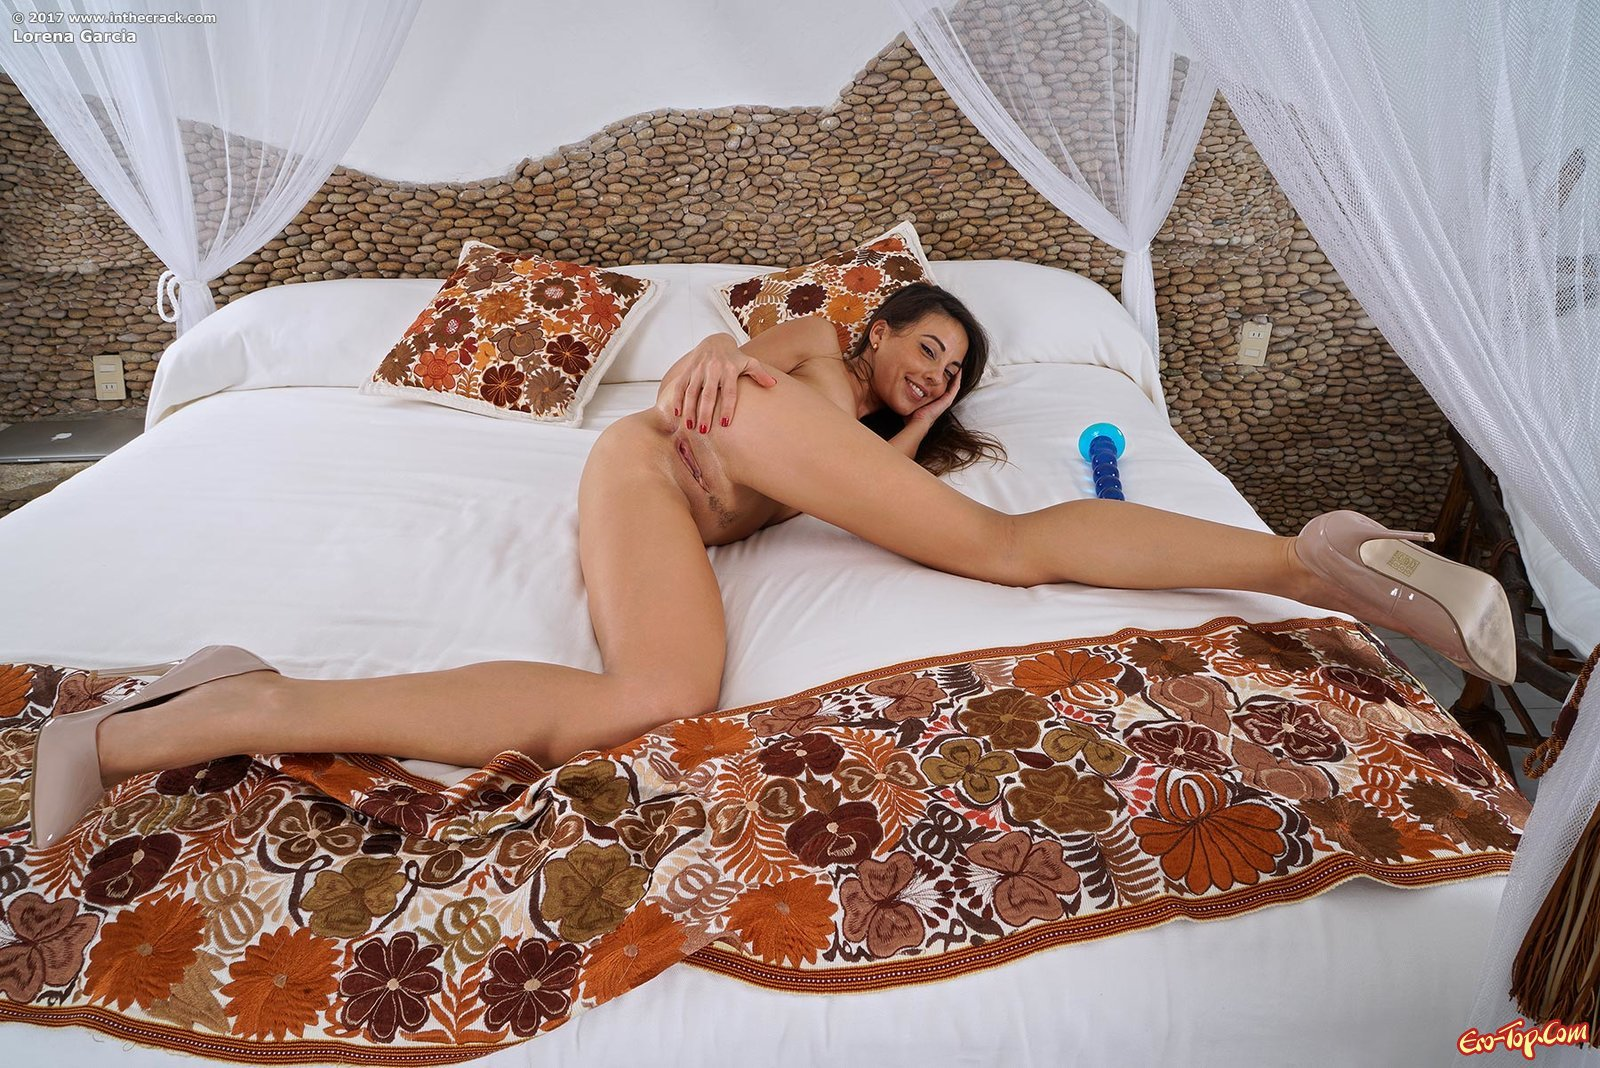 Загорелая девица оголившись позирует в постели